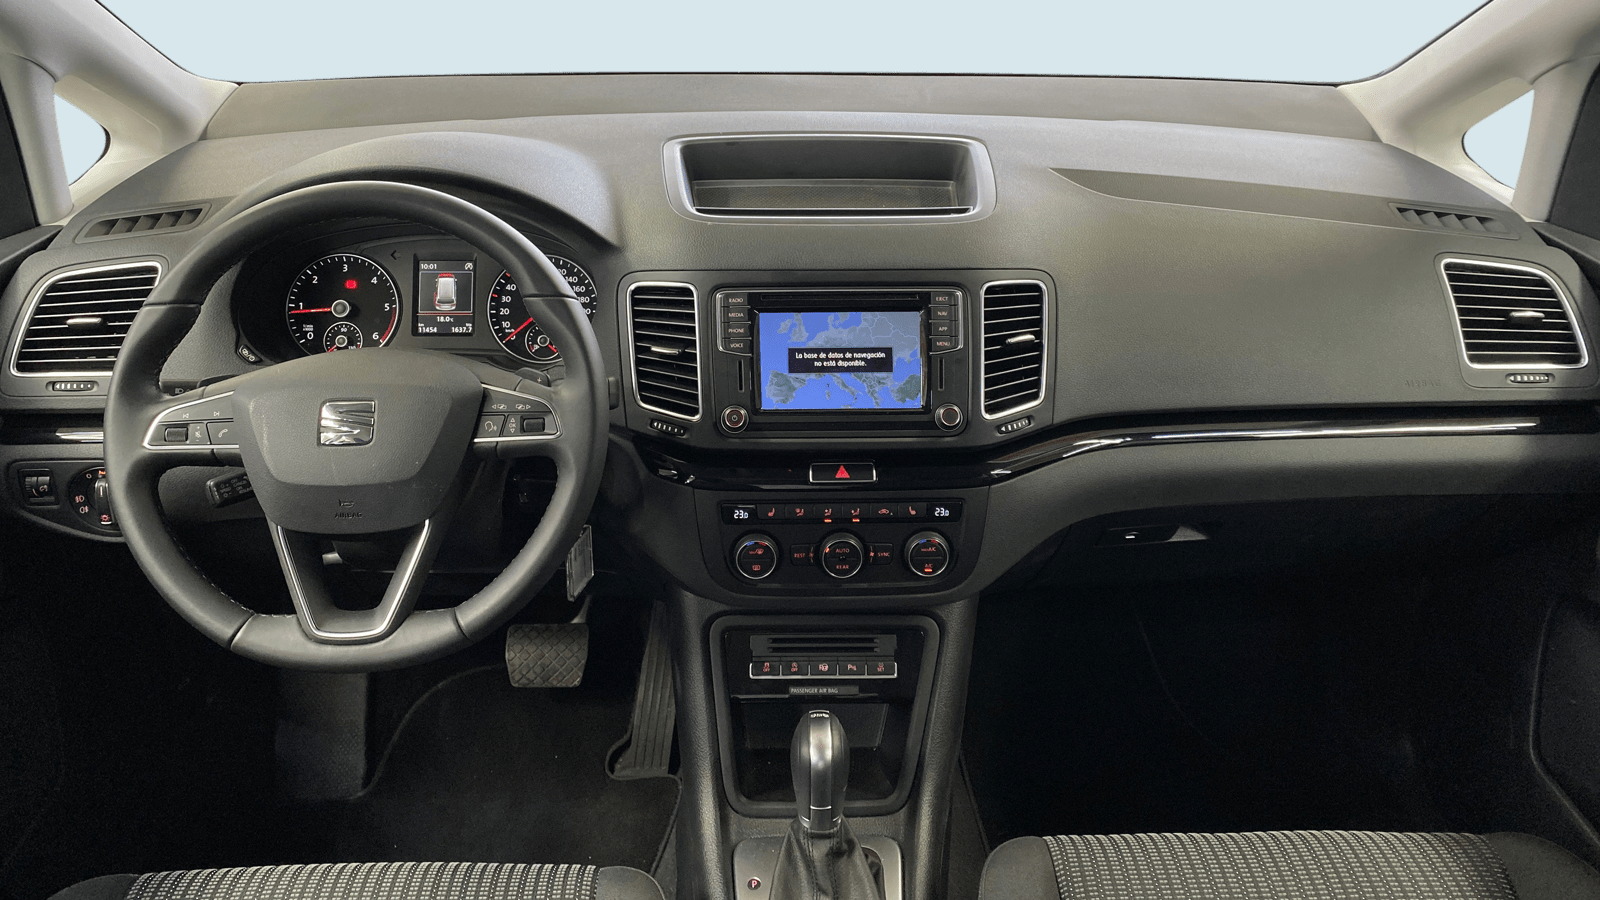 SEAT Alhambra Schwarz interior - Clyde Auto-Abo